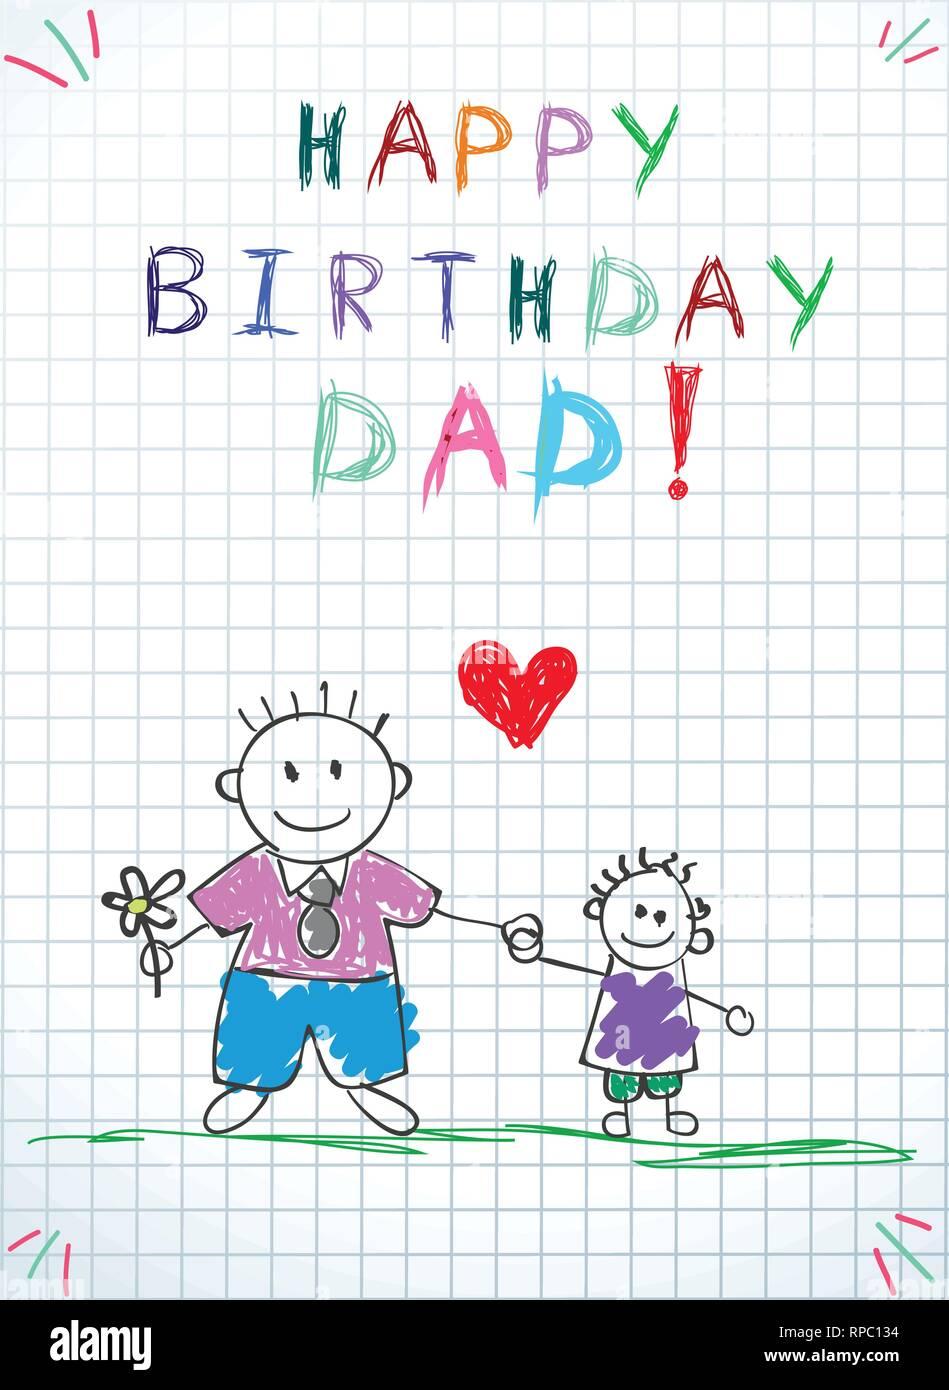 7bd65577ee27 Bambini colorati disegnati a mano illustrazione vettoriale di padre e  figlio insieme detengono fiori